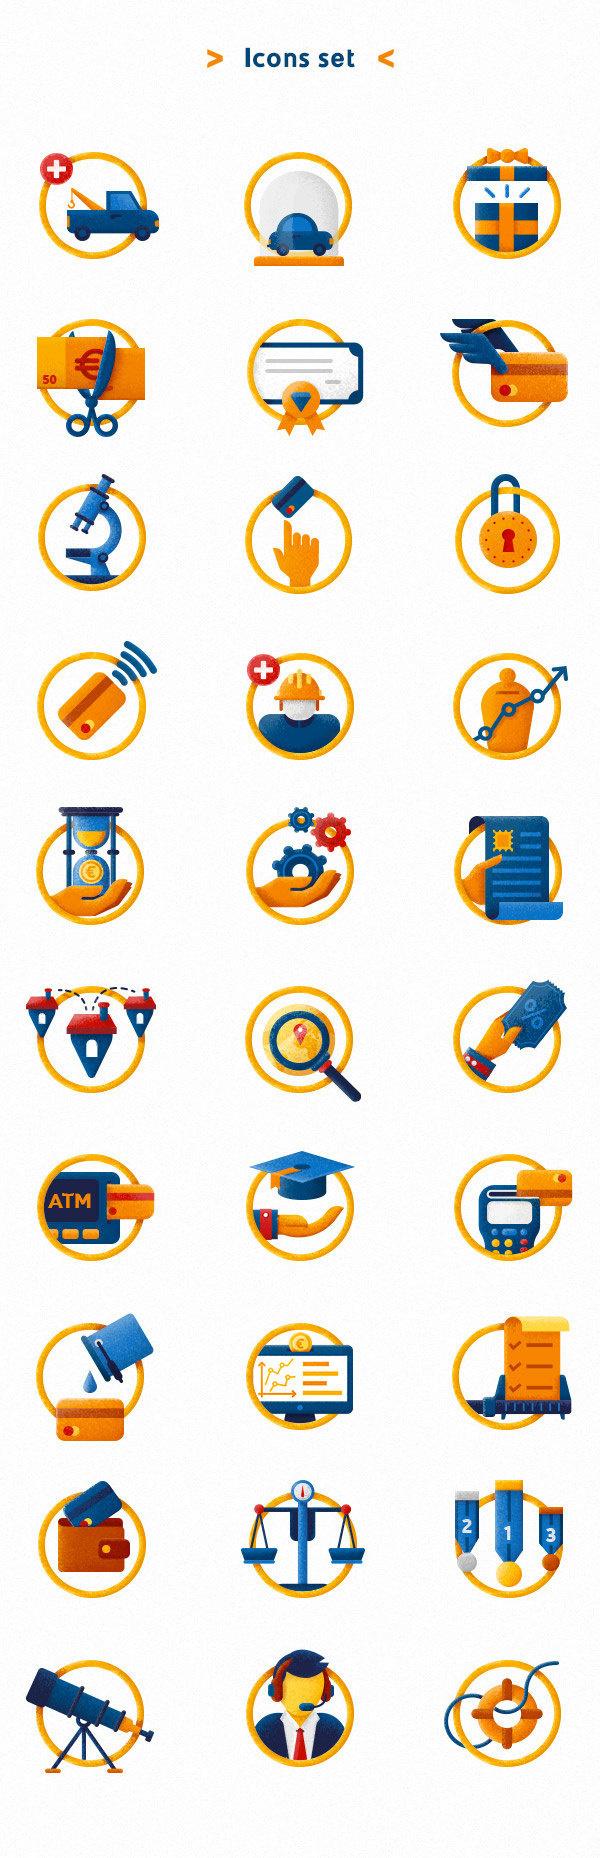 UBI Banca Restyling on Behance #icon #illustration #bank